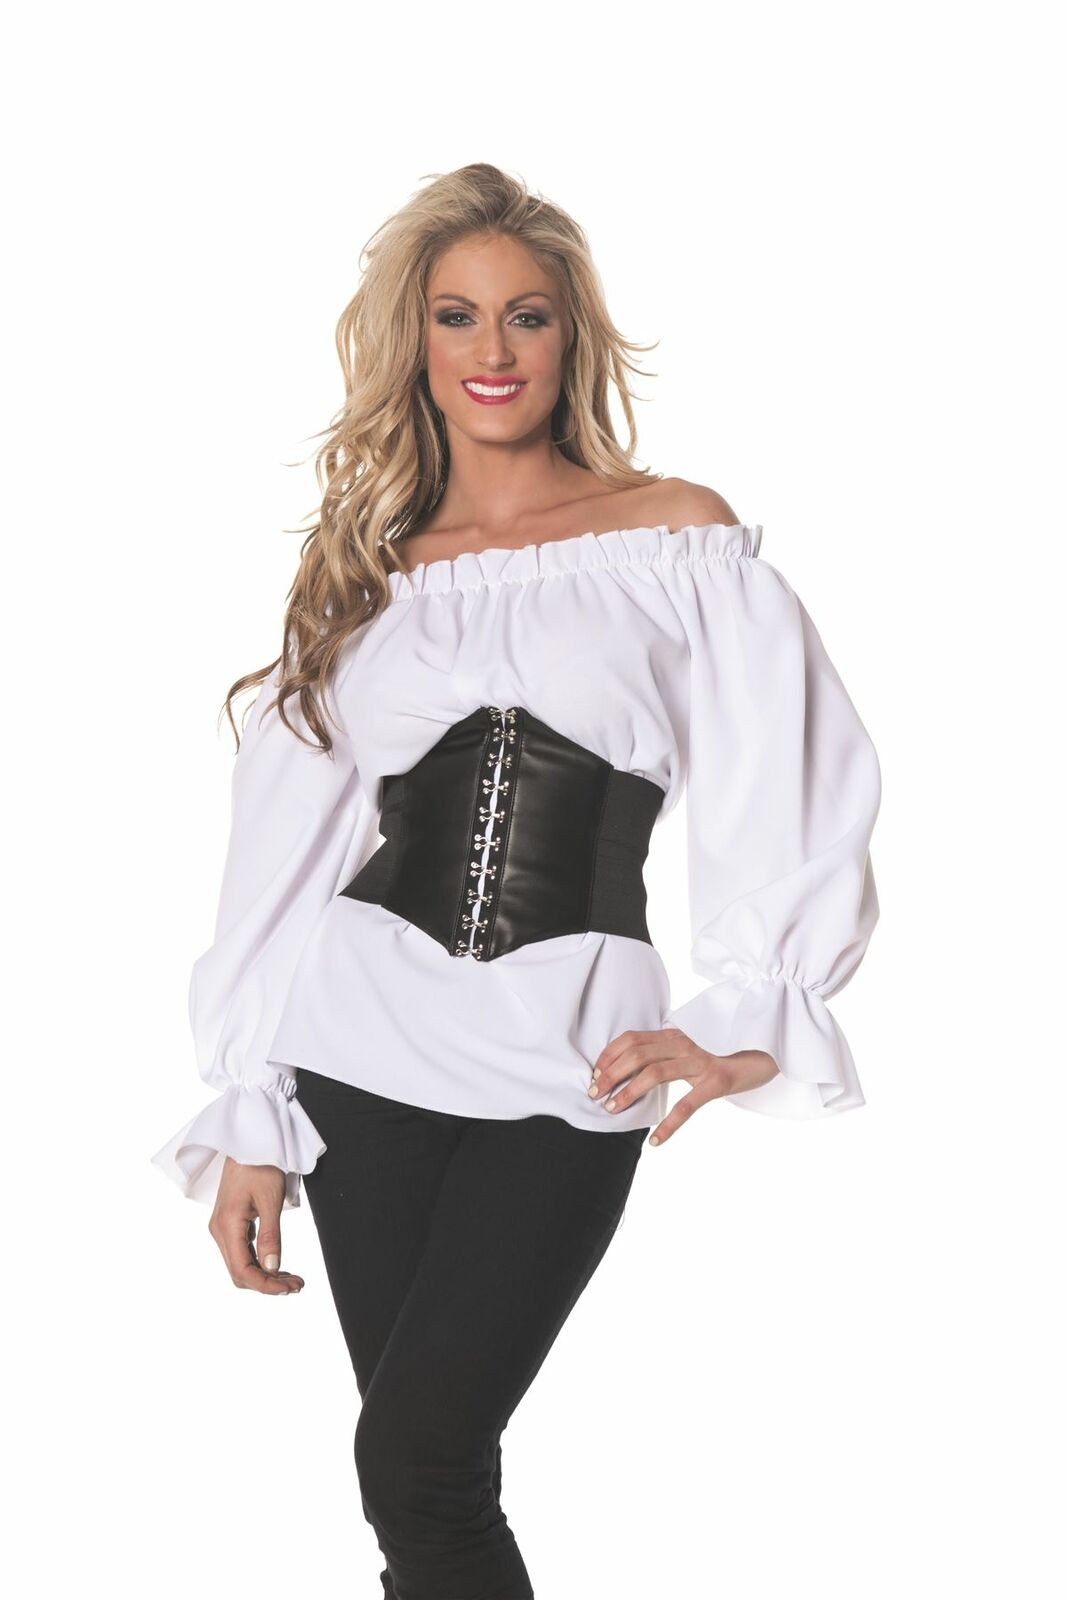 Renaissance Long Sleeve Shirt Pirate Steampunk Adult Womens Halloween Costume